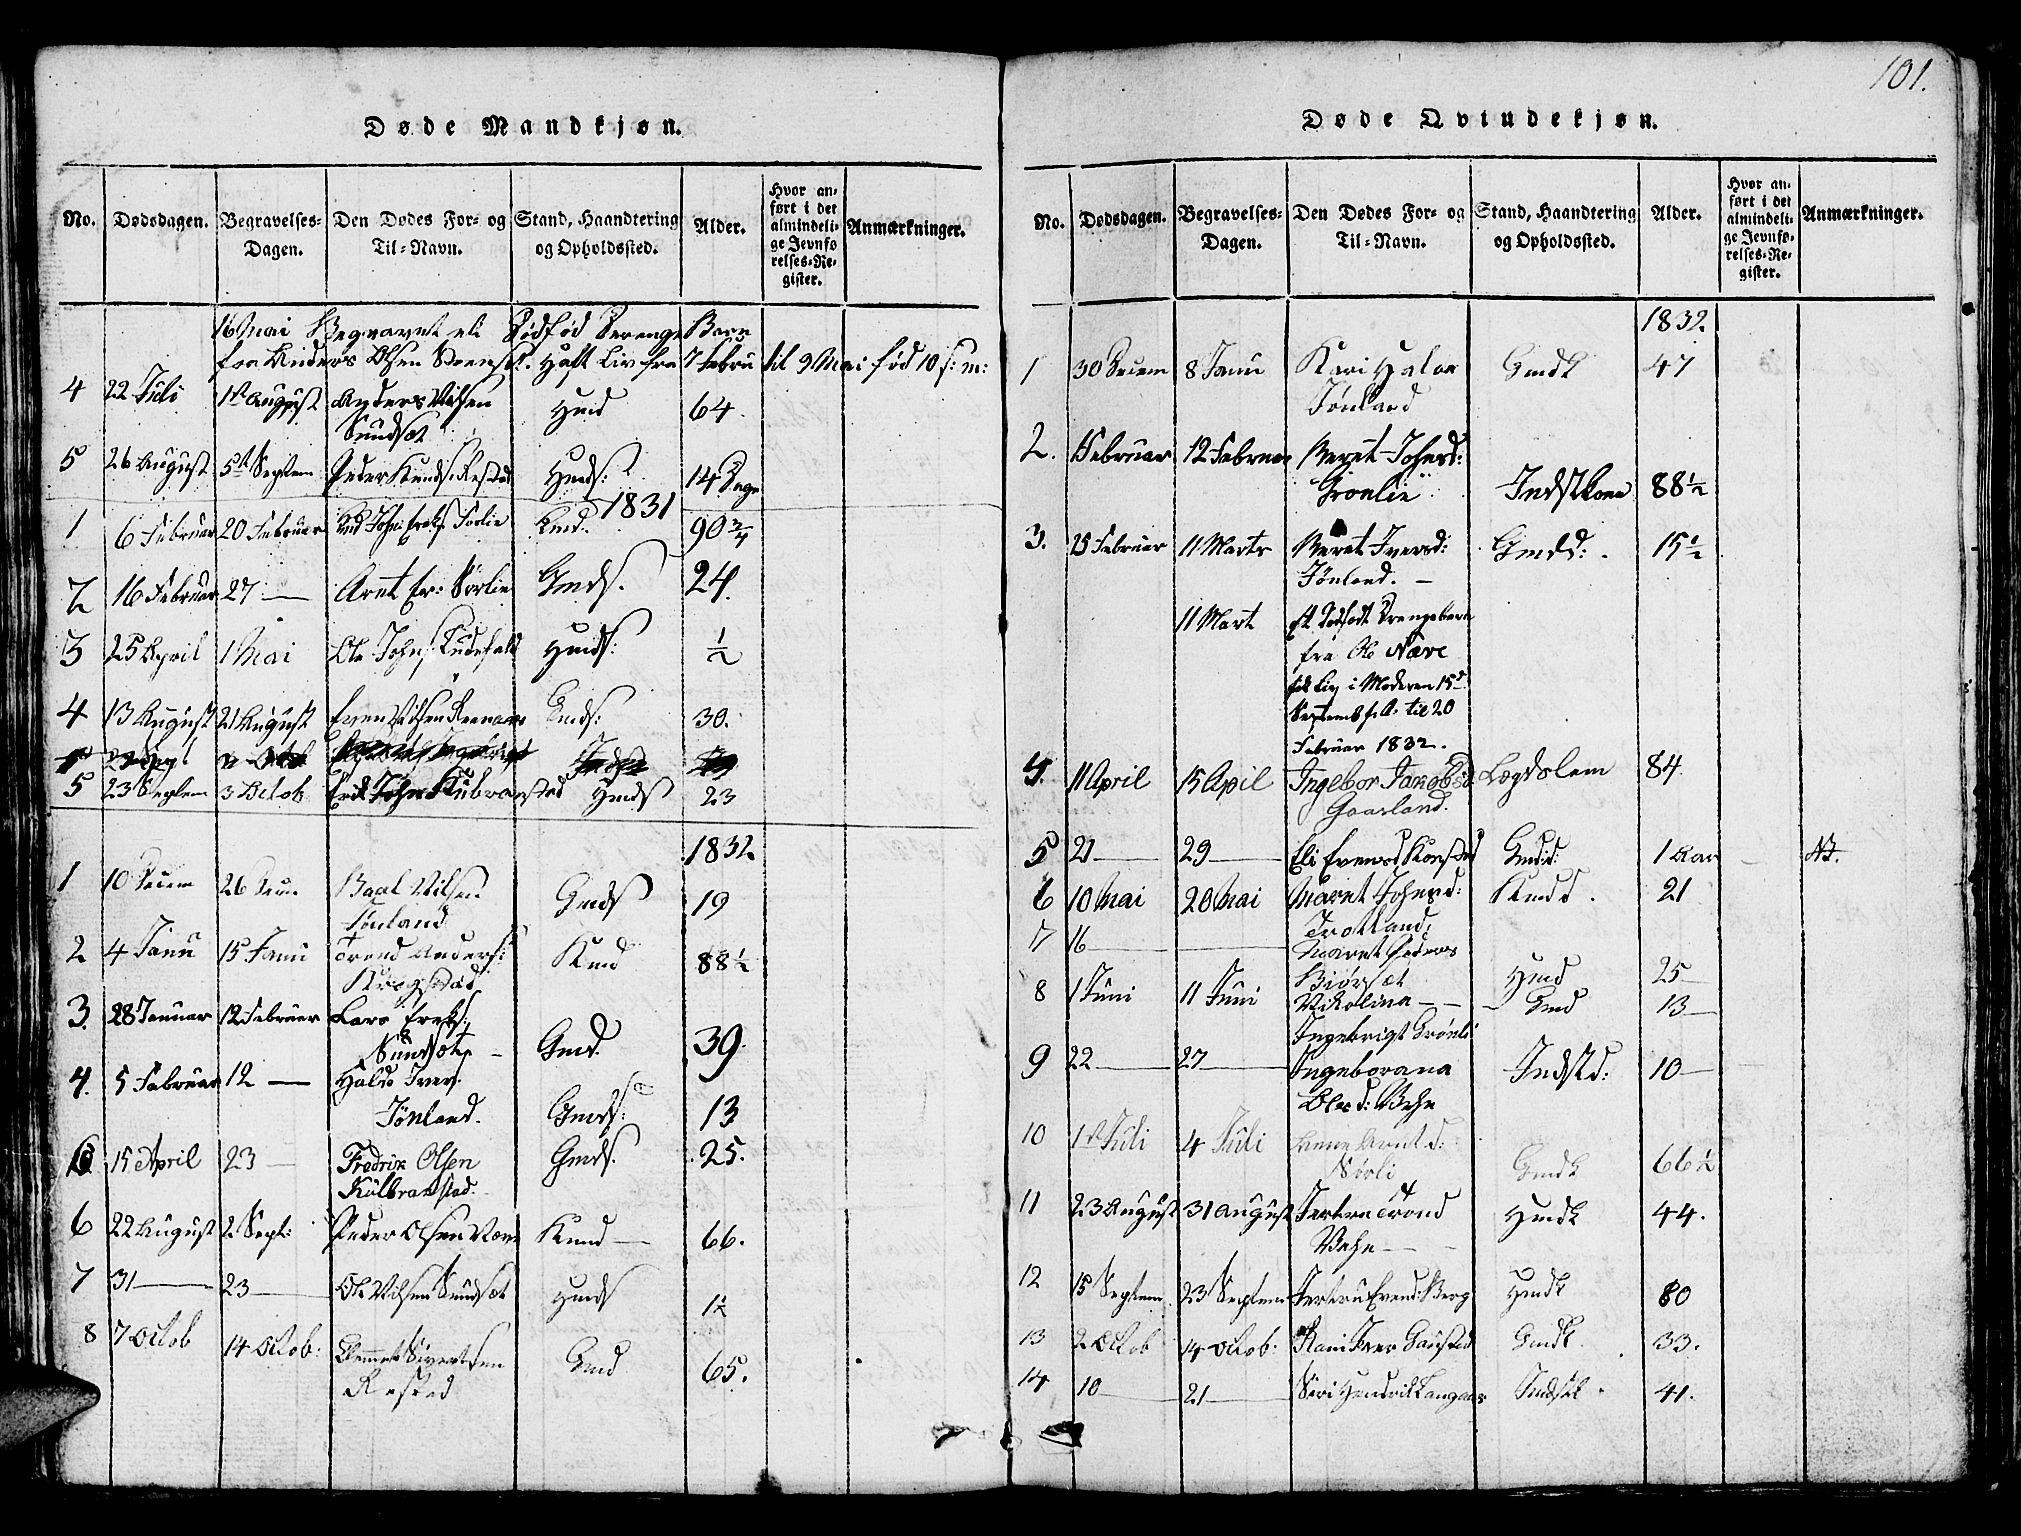 SAT, Ministerialprotokoller, klokkerbøker og fødselsregistre - Sør-Trøndelag, 694/L1130: Klokkerbok nr. 694C02, 1816-1857, s. 101